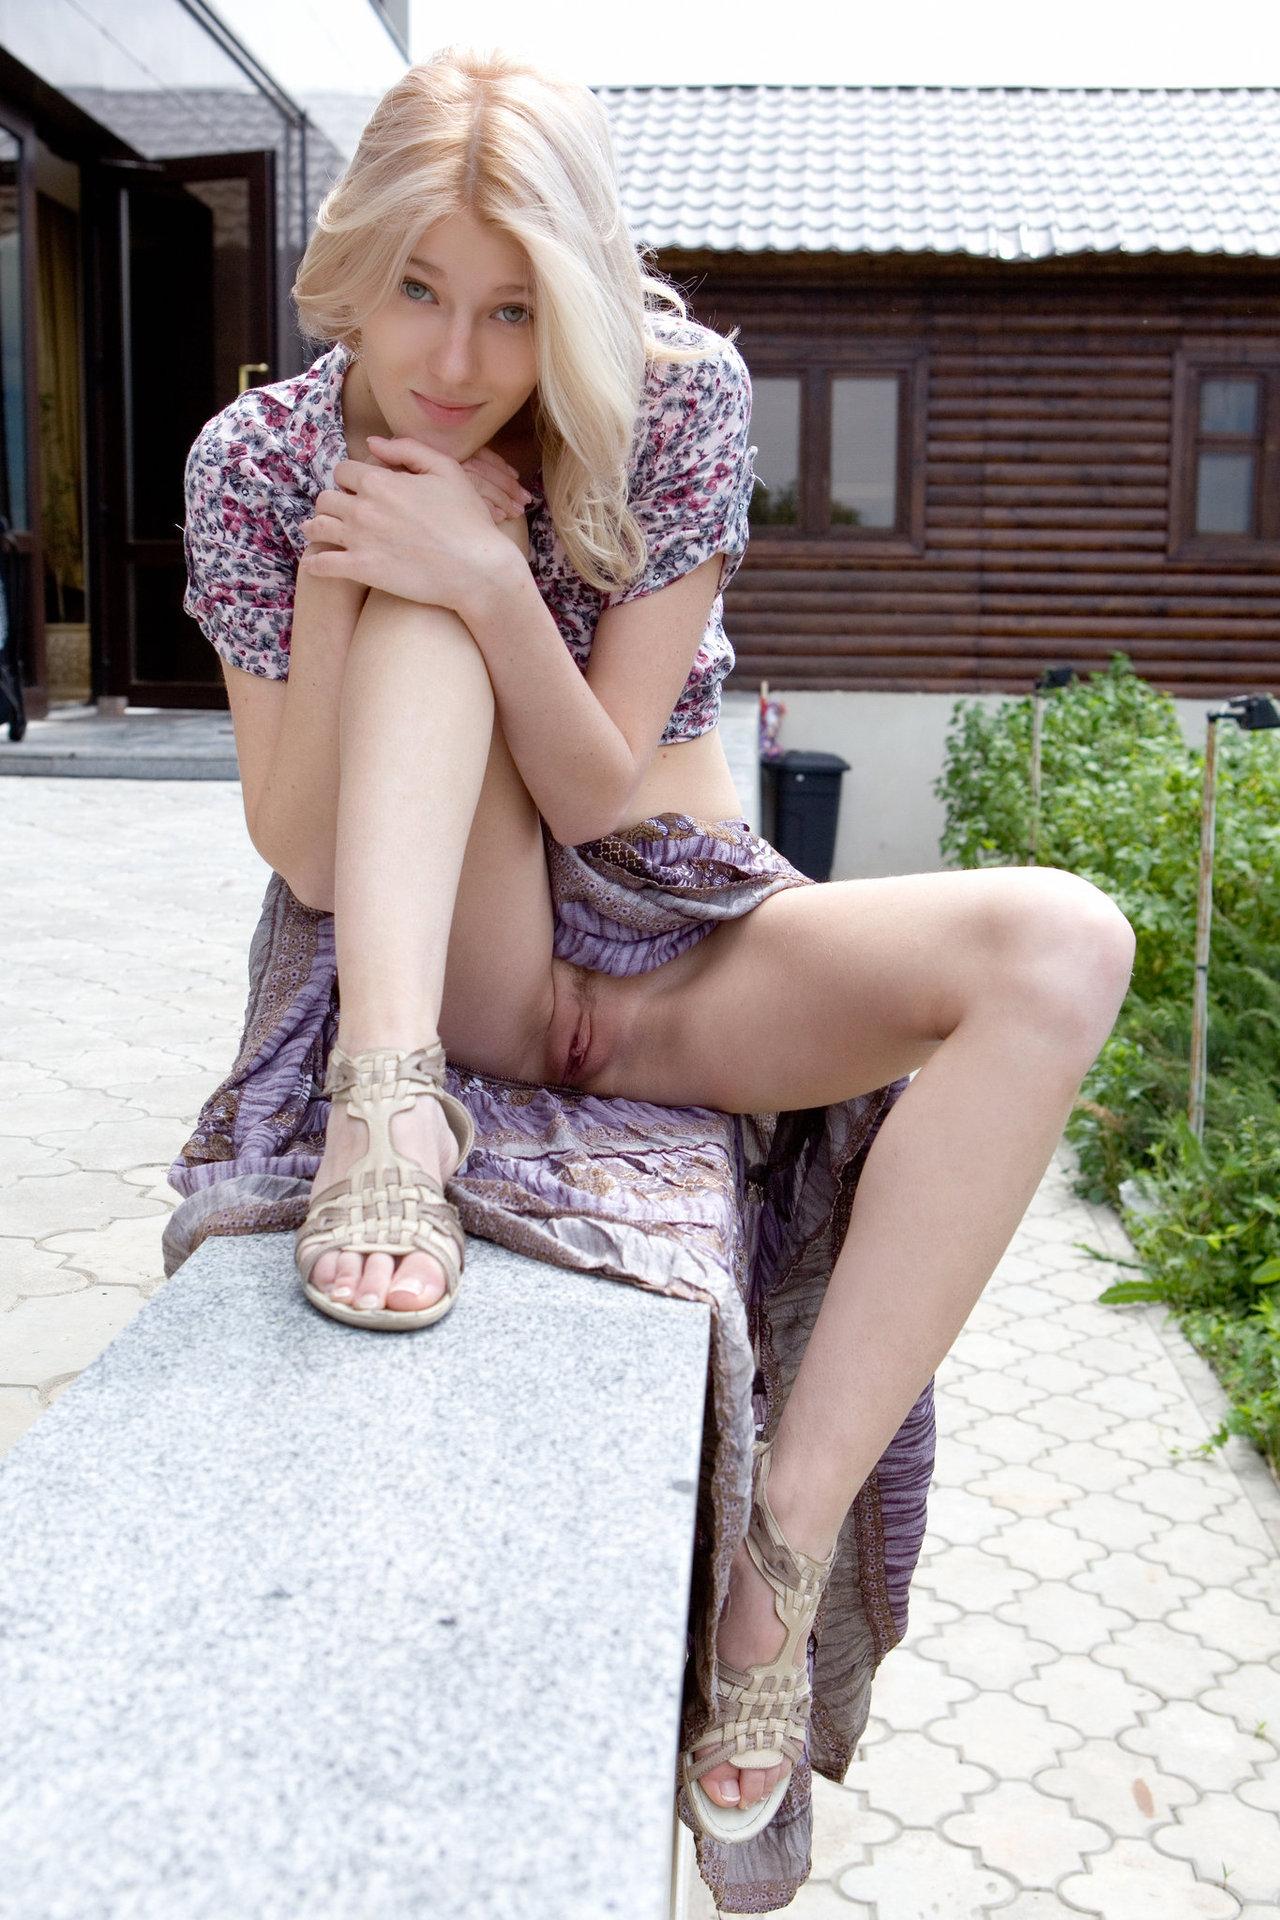 Фото девушек в короткой юбке без трусиков 14 фотография